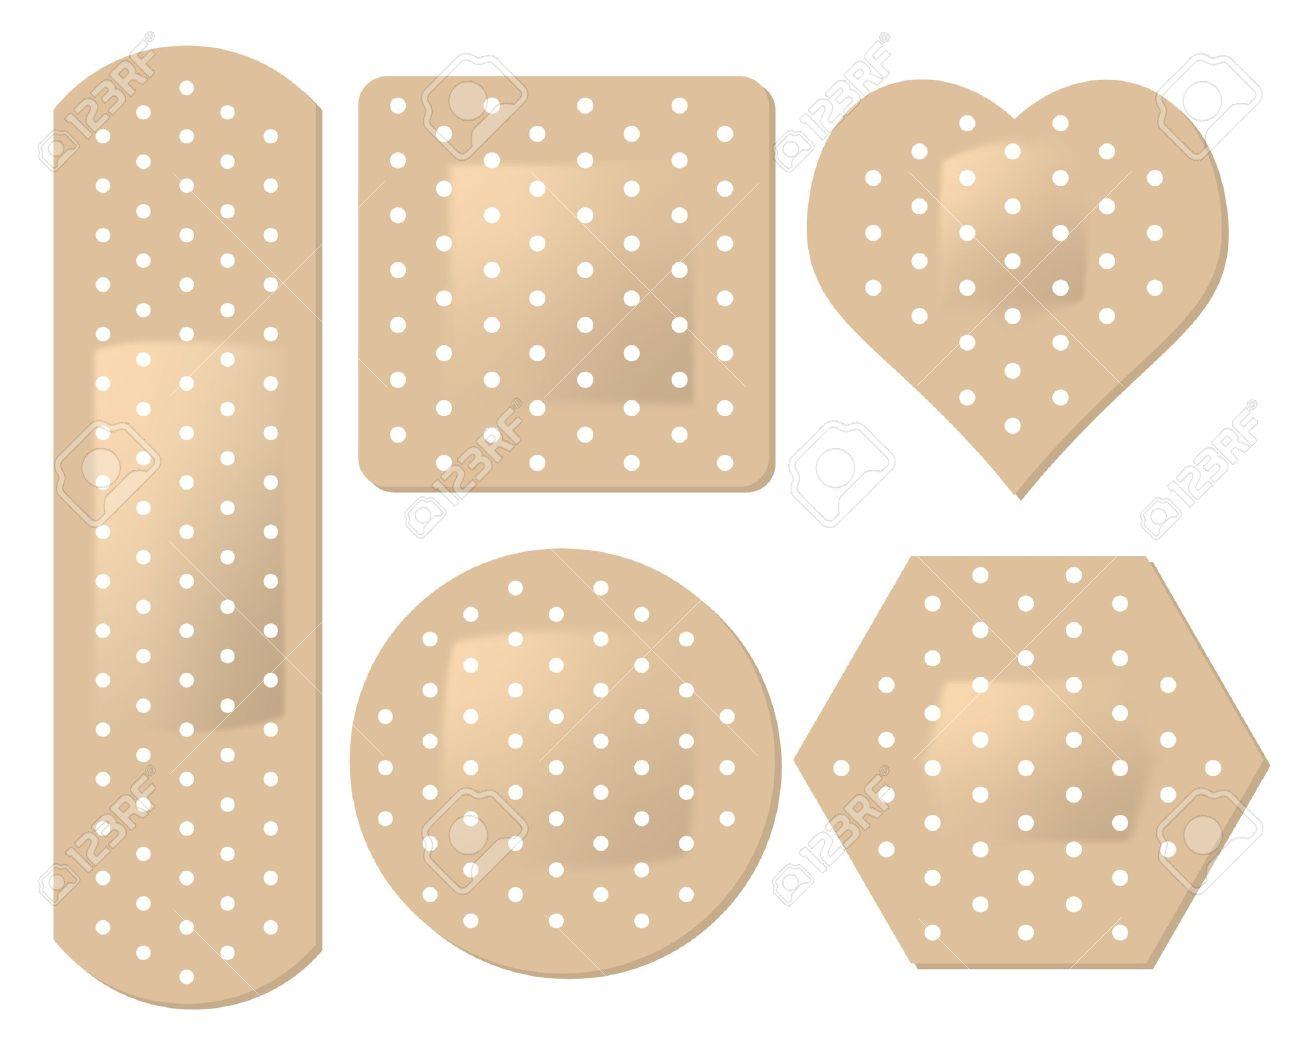 Adhesive Bandage Set Royalty Free Cliparts, Vectors, And Stock.